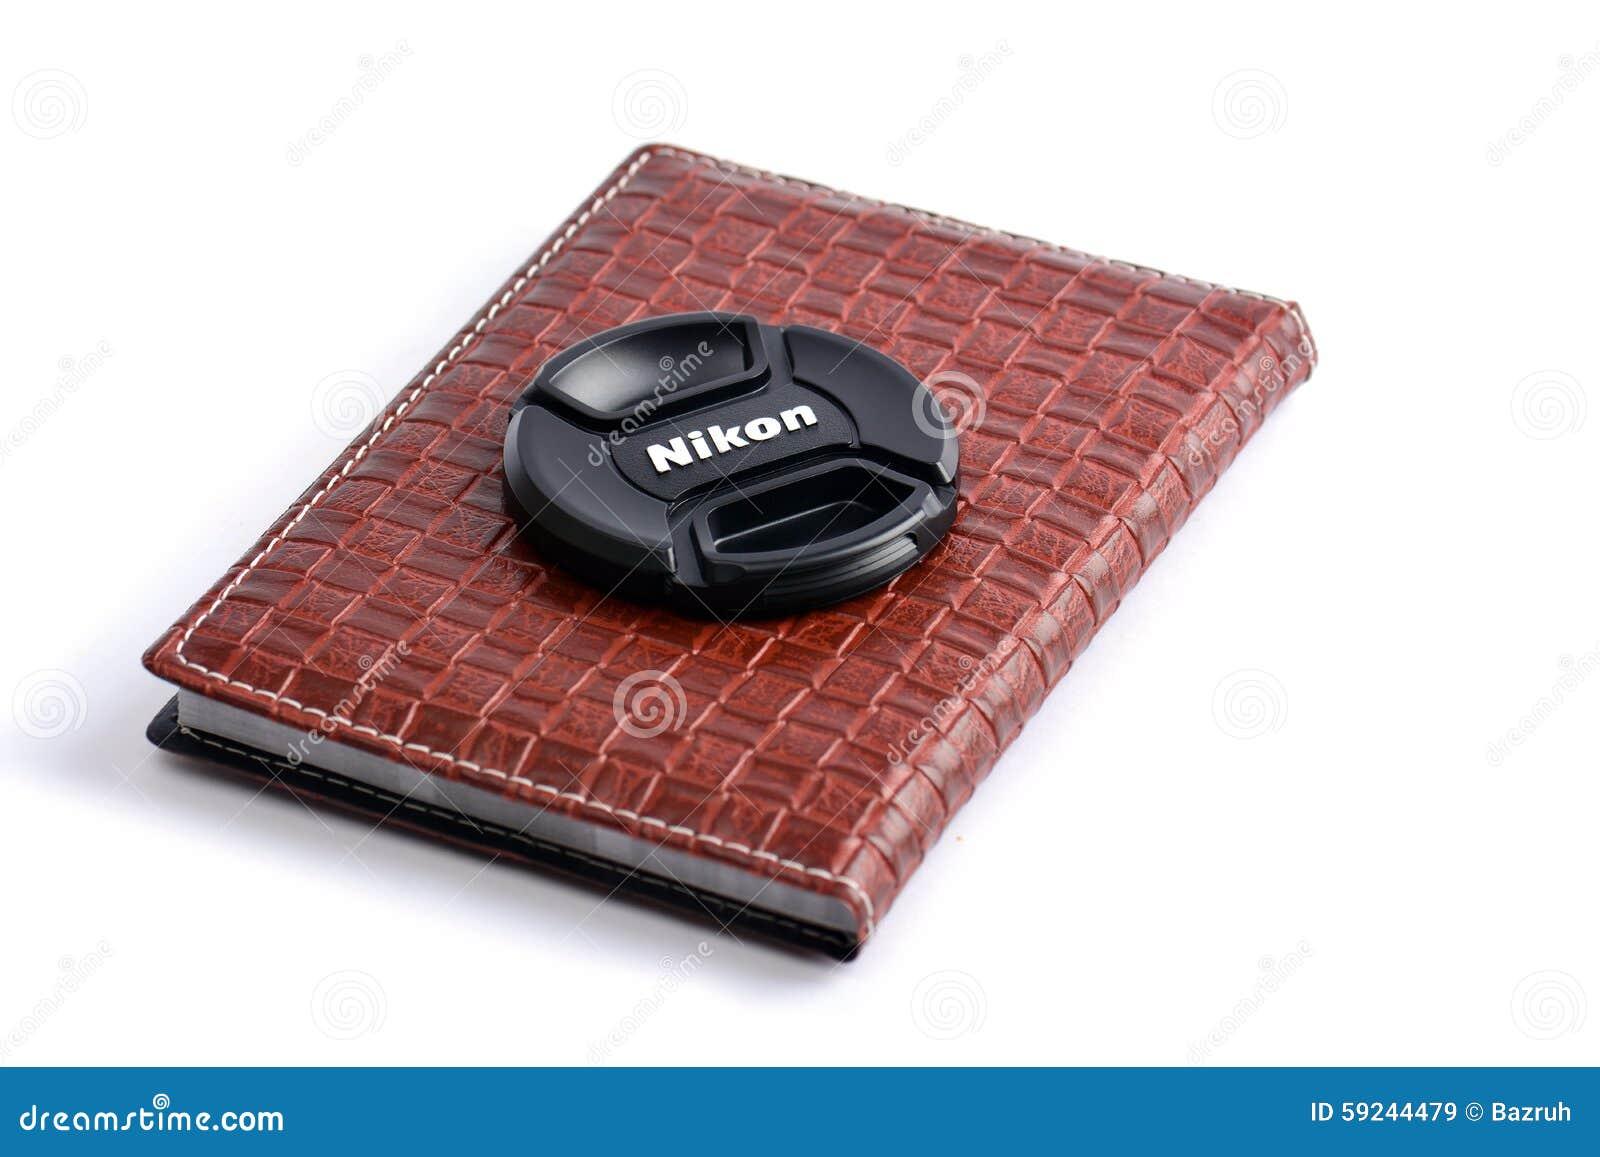 Download Casquillo De Lente De Nikon En El Cuaderno De Cuero Imagen de archivo editorial - Imagen de negro, lentes: 59244479